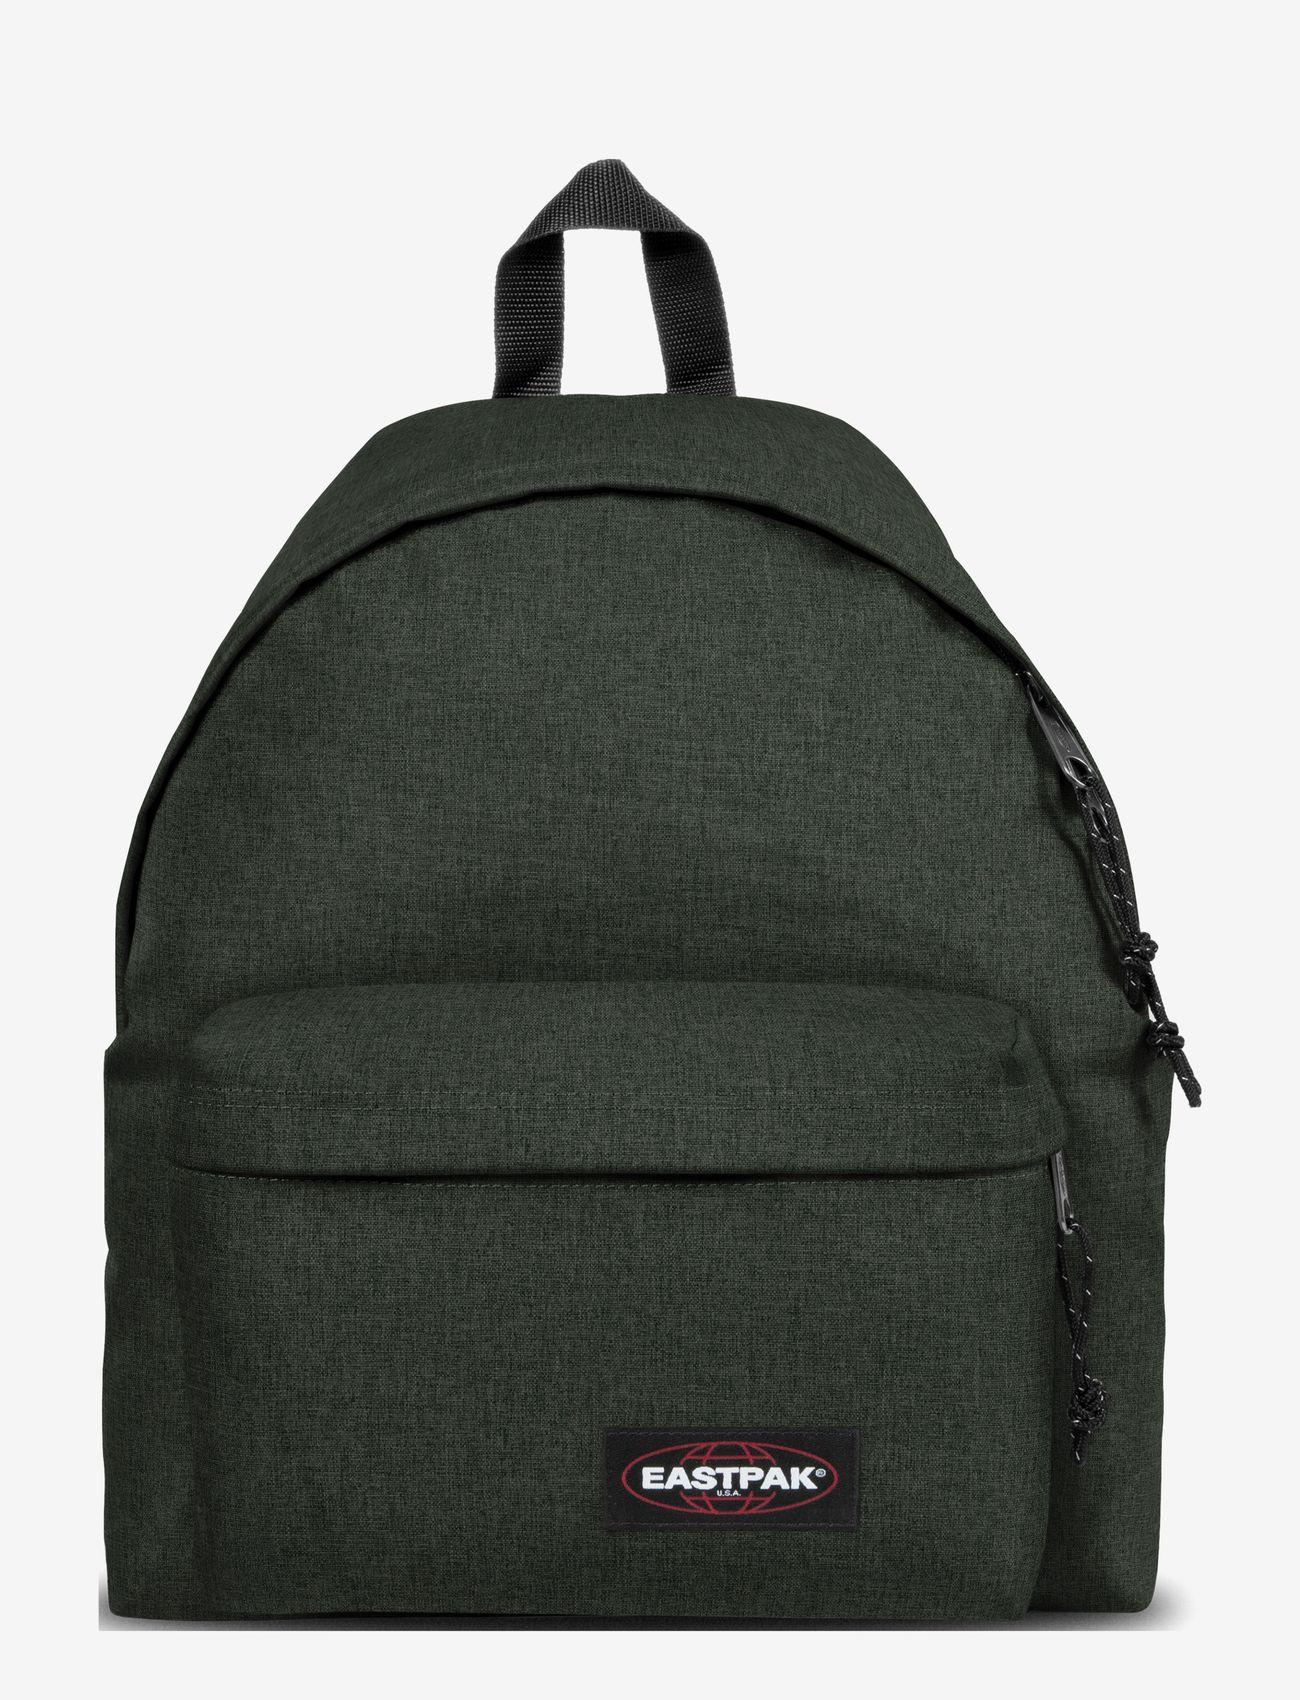 Eastpak - PADDED PAK'R - ryggsäckar - crafty moss - 0